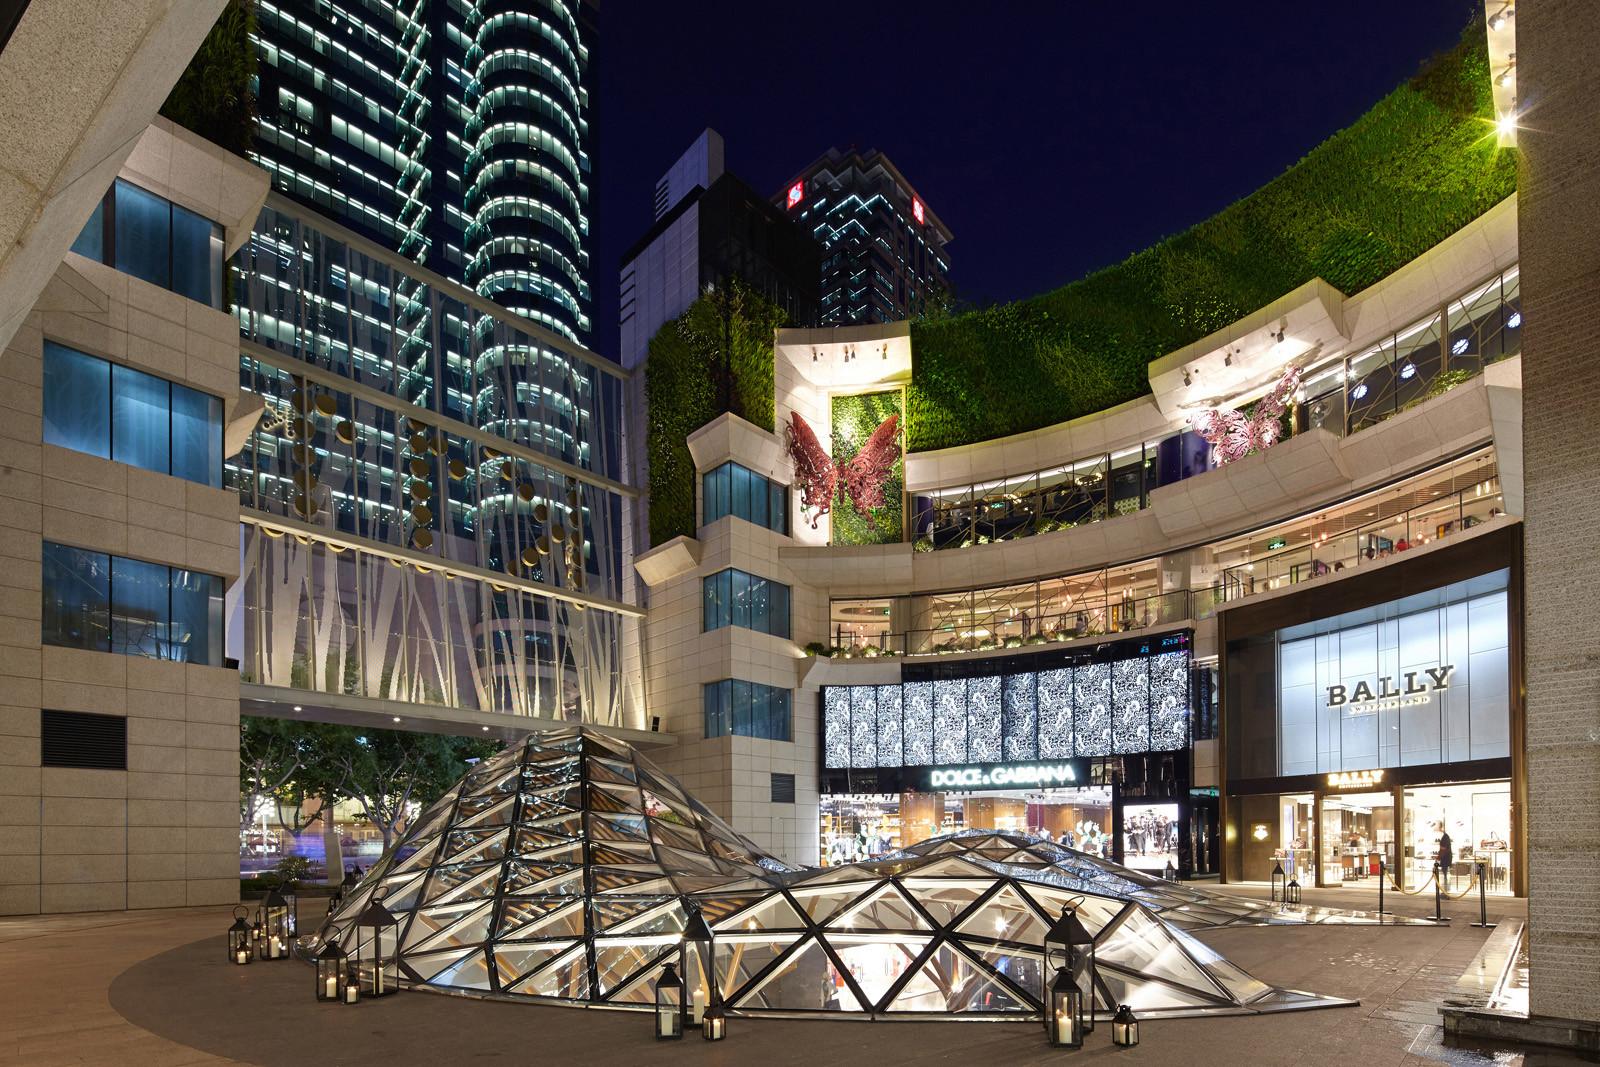 K11 Art Mall Shanghai Kokaistudios ArchDaily